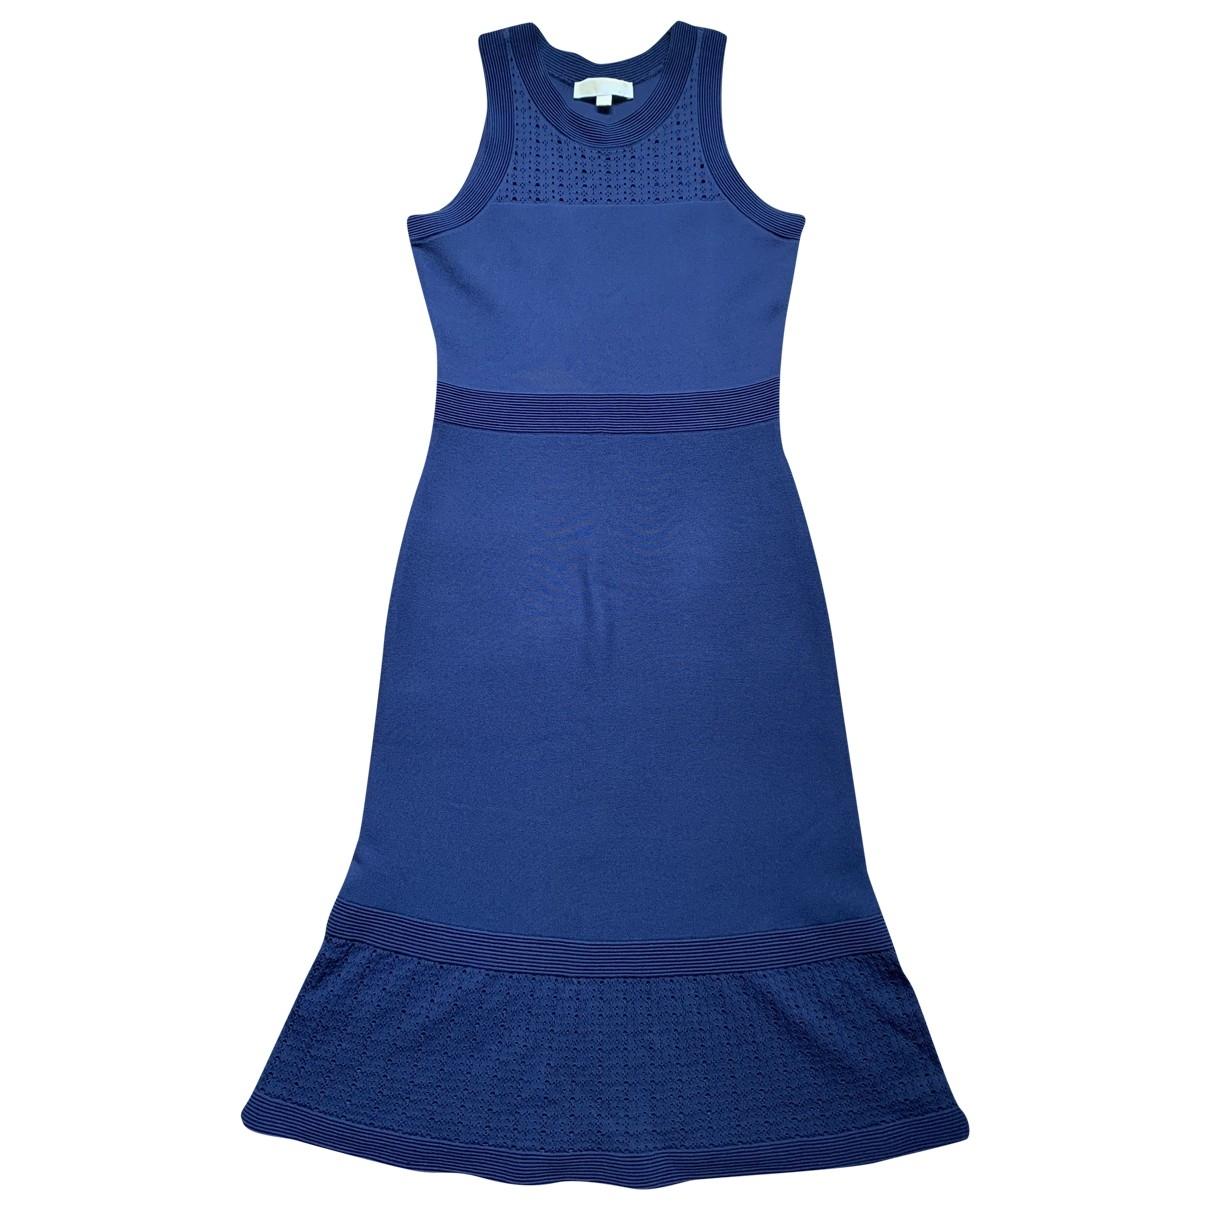 Michael Kors \N Navy dress for Women S International